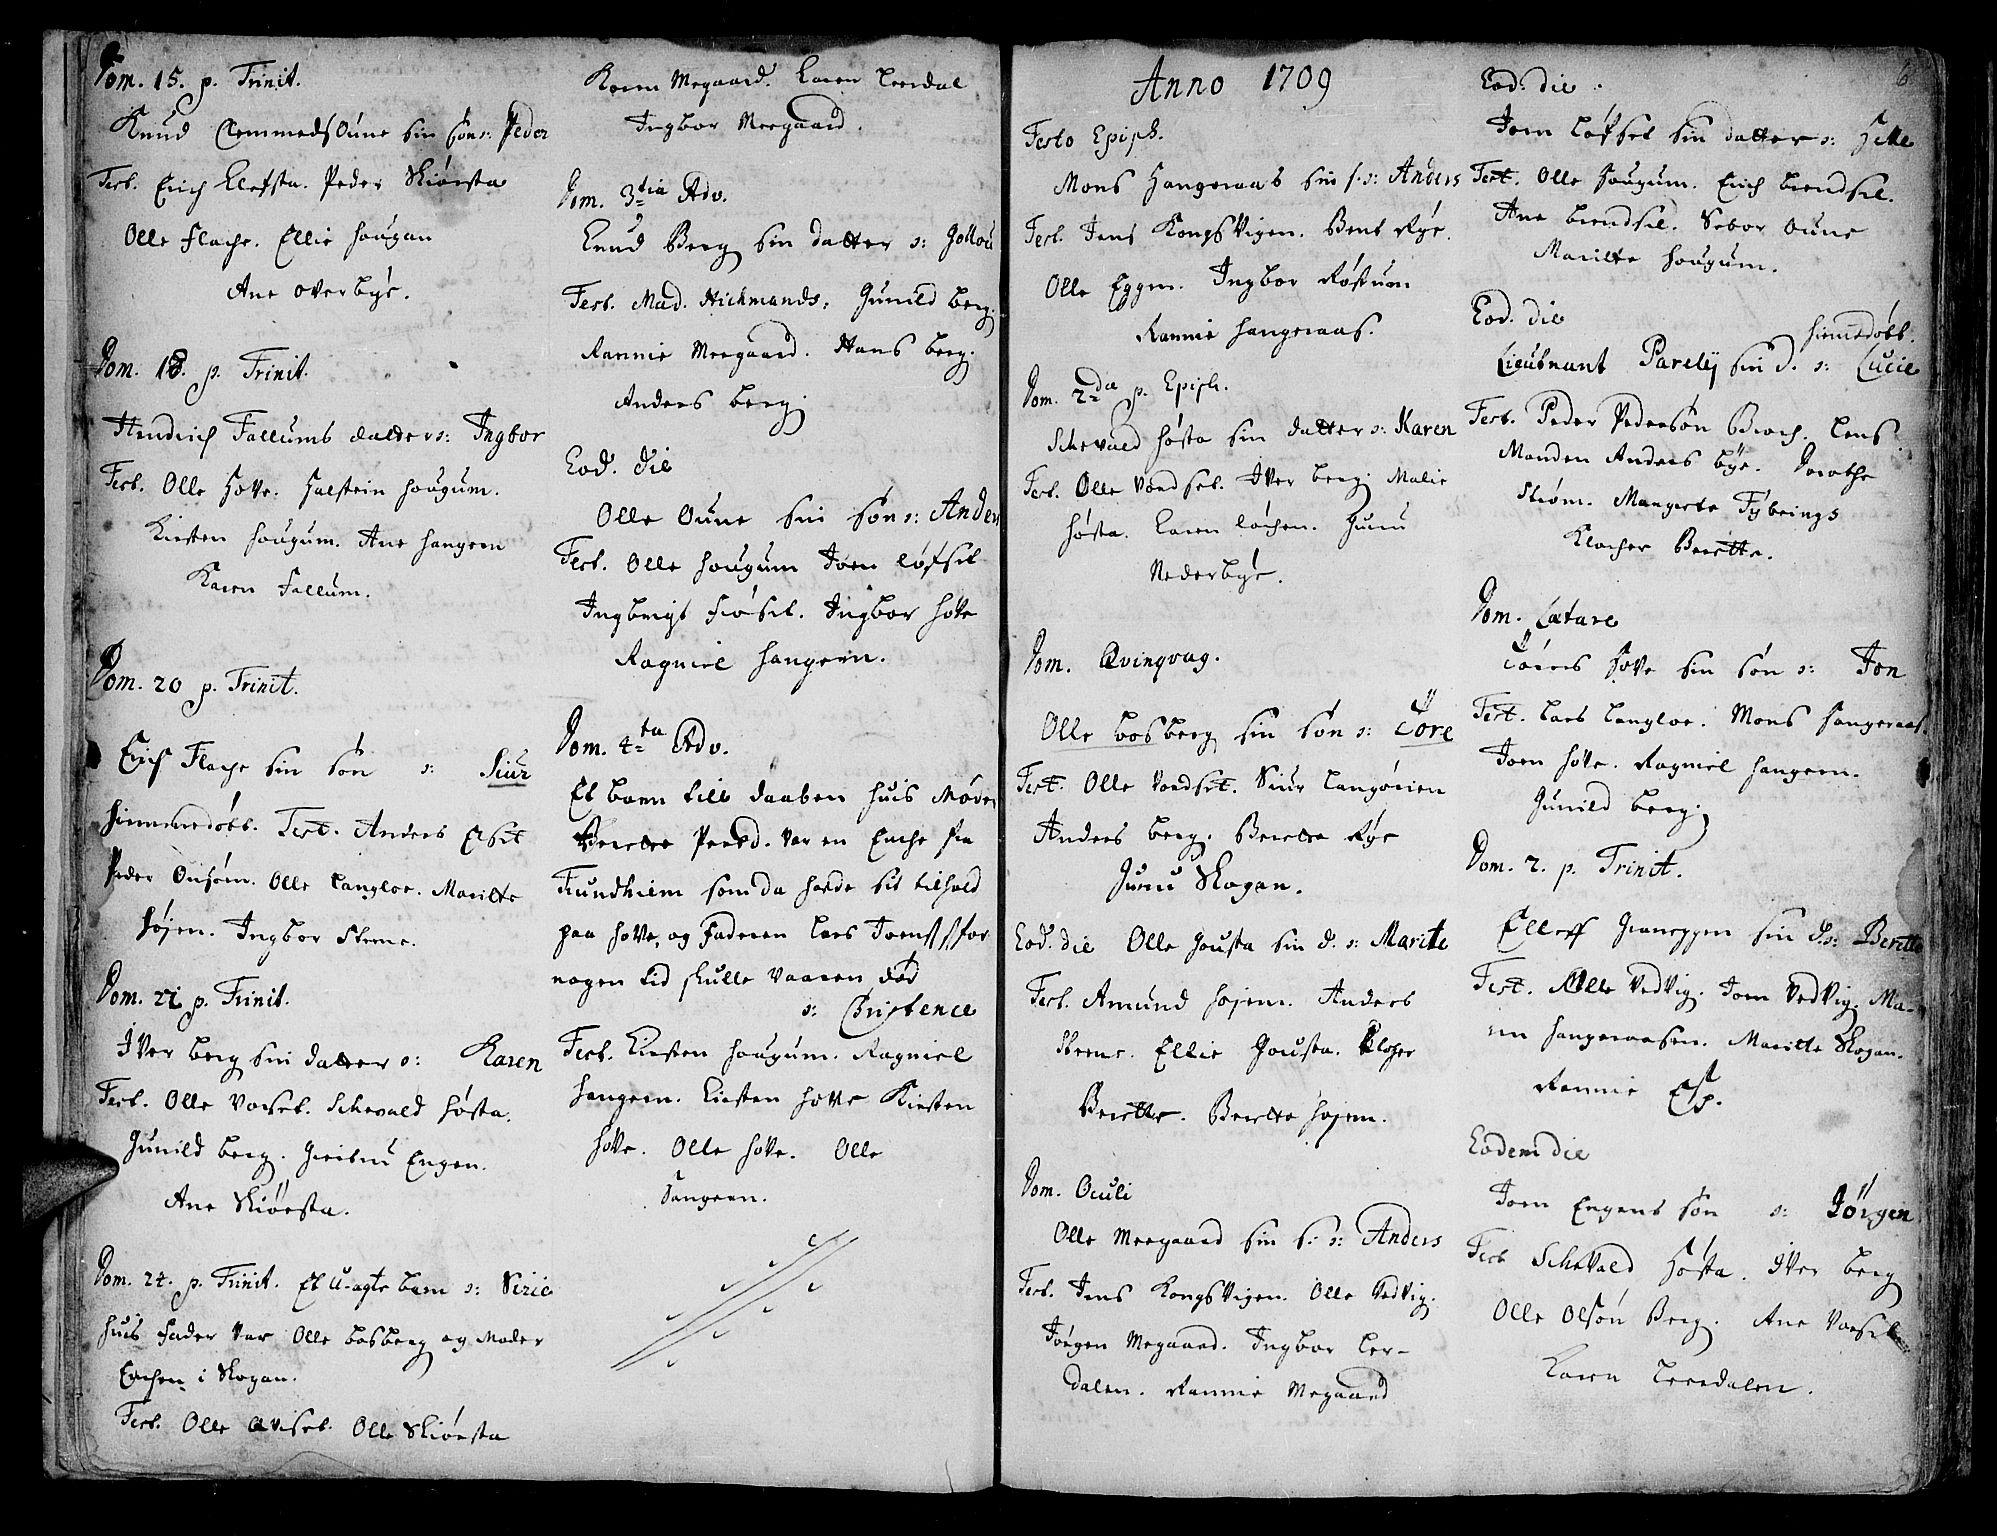 SAT, Ministerialprotokoller, klokkerbøker og fødselsregistre - Sør-Trøndelag, 612/L0368: Ministerialbok nr. 612A02, 1702-1753, s. 6